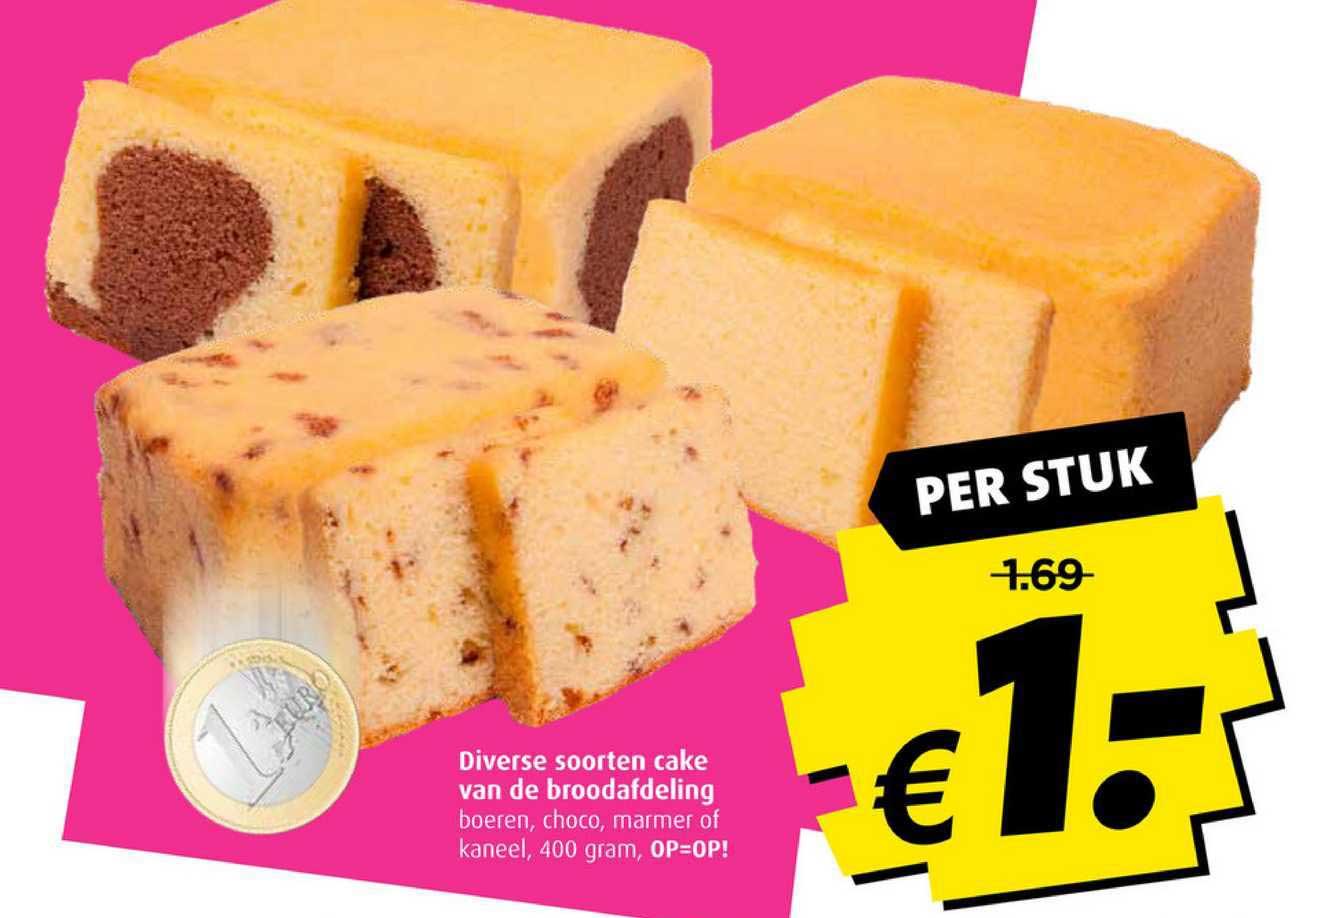 Boni Diverse Soorten Cake Van De Broodafdeling Boeren, Choco, Marmer Of Kaneel